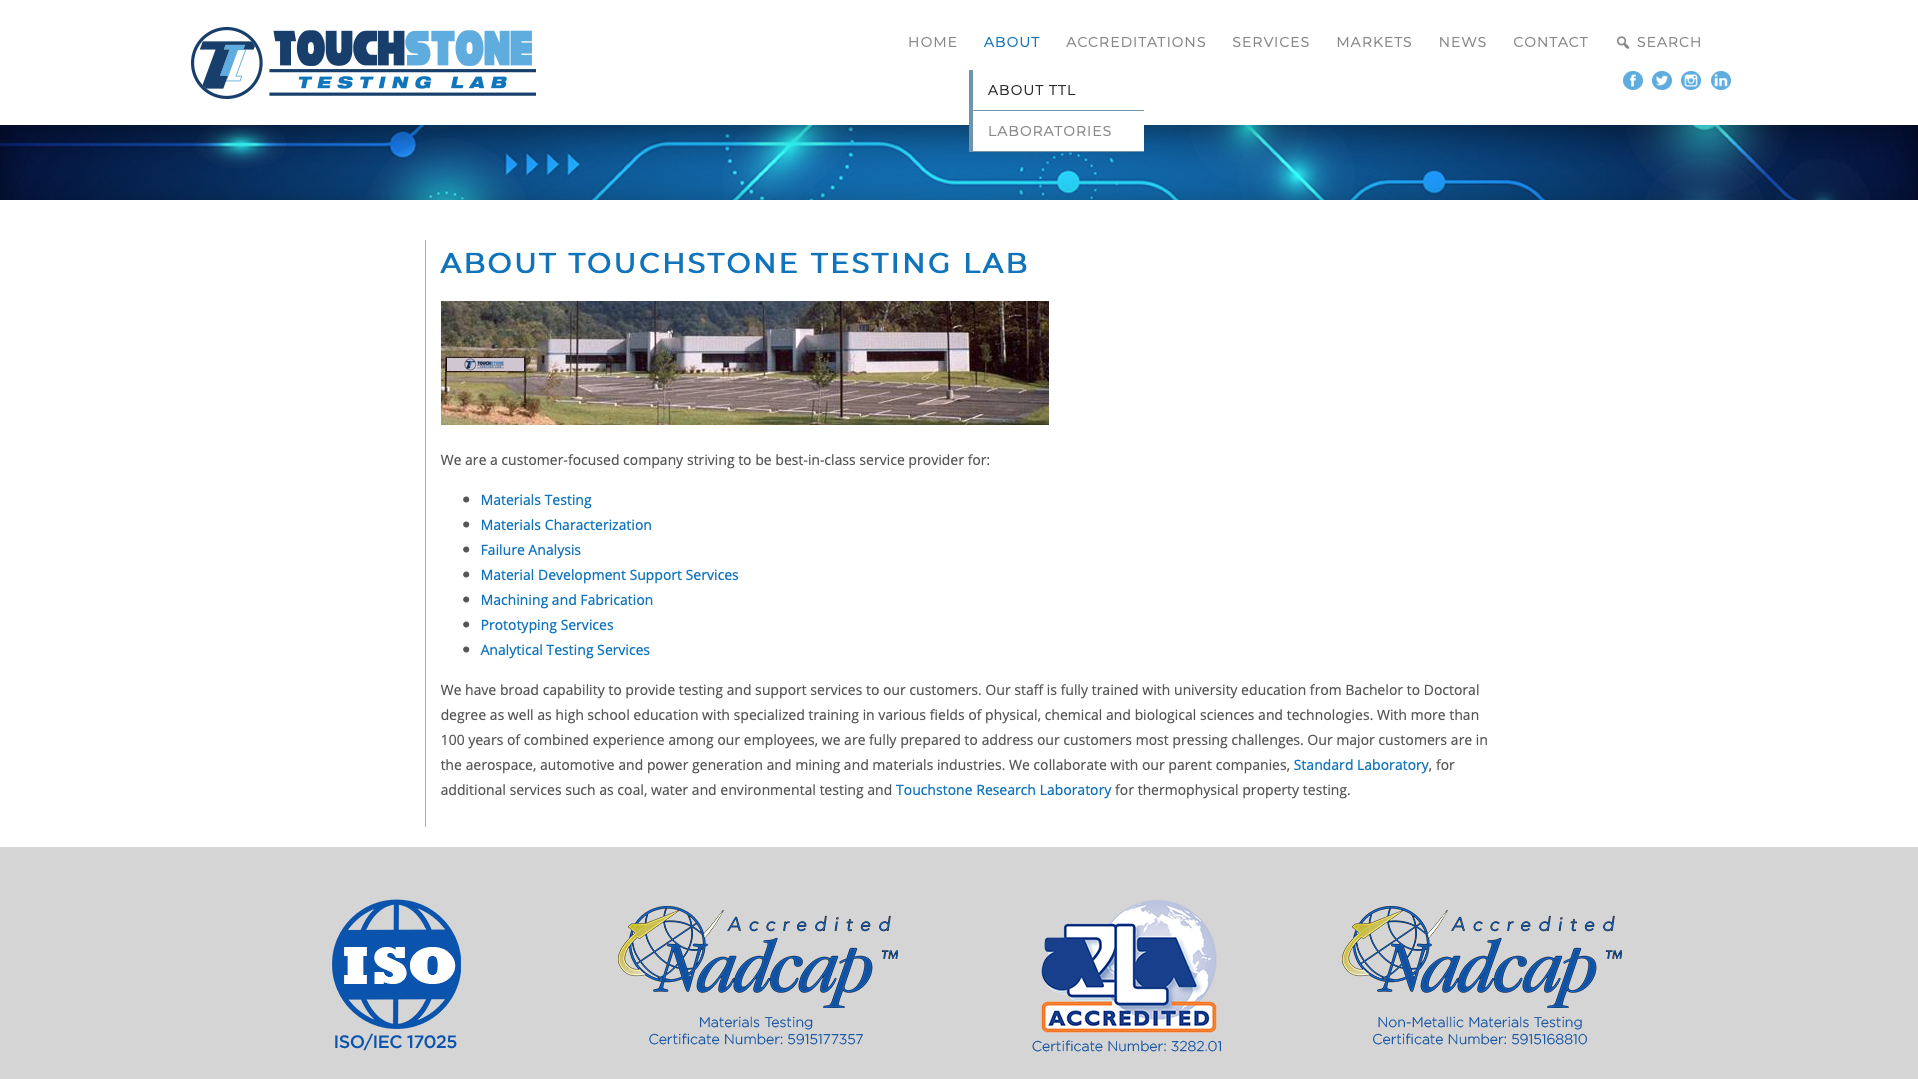 Touchstone Testing